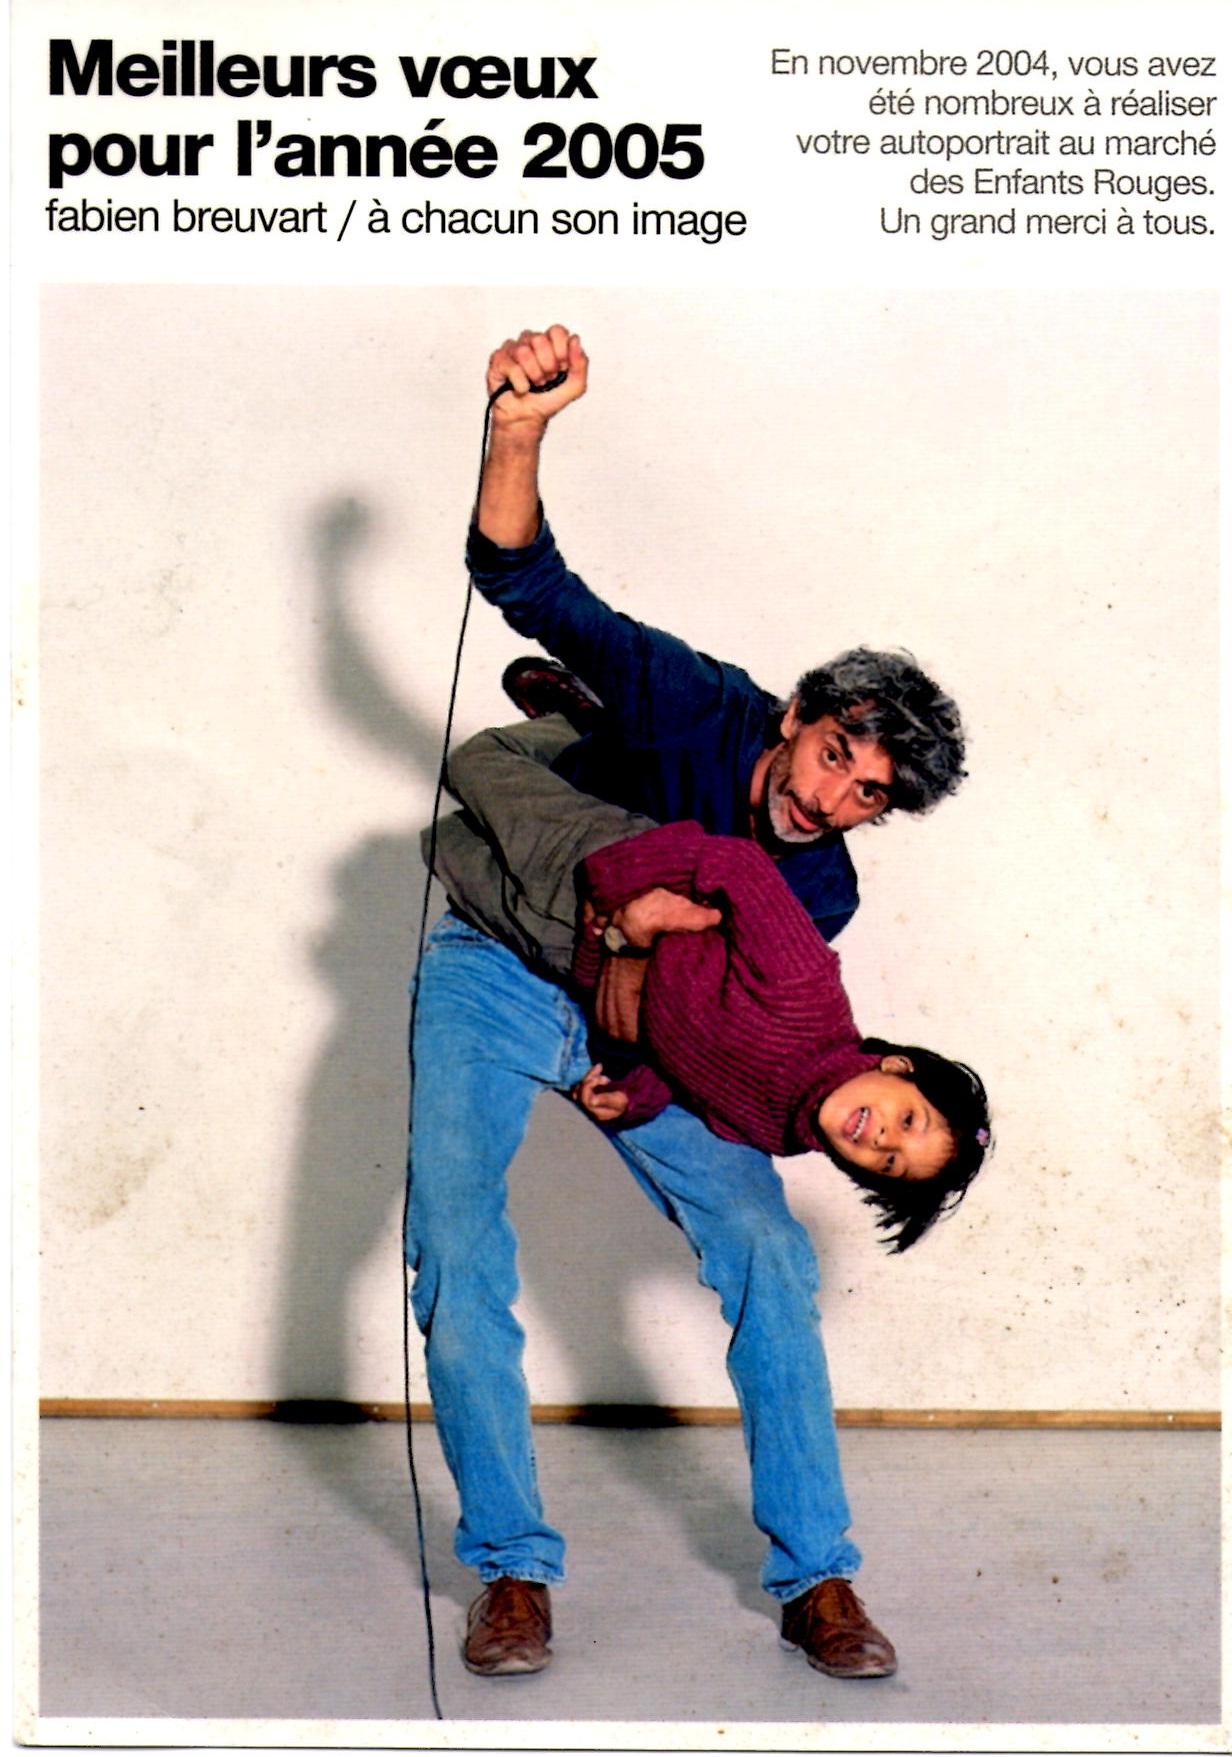 שנה טובה, 2005. הצלם השרמנטי ומימי, יקירת שוק הילדים האדומים